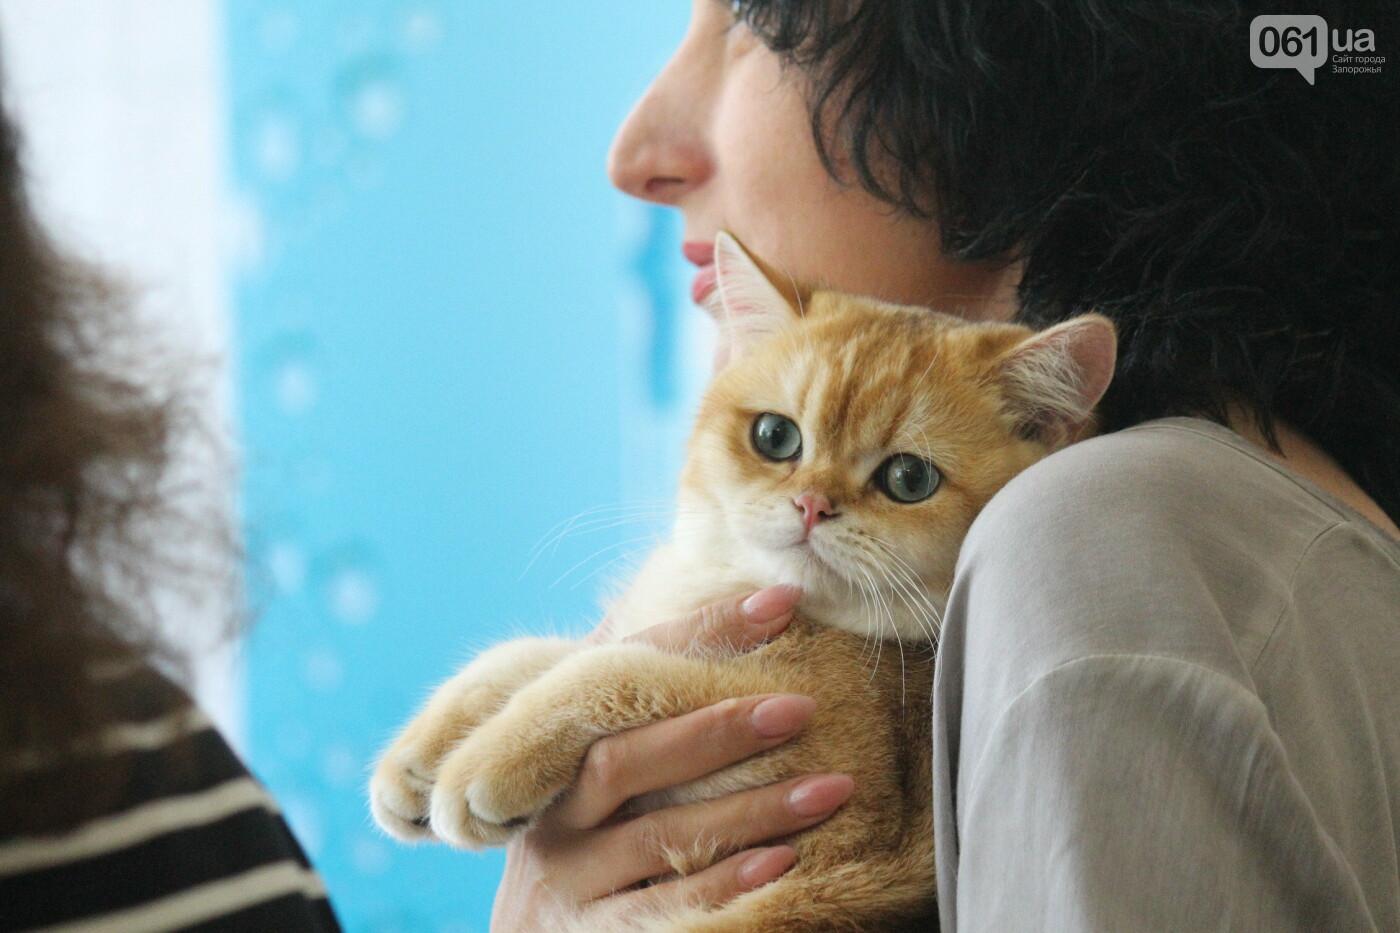 В Запорожье на выставке кошек показали 130 питомцев со всей Украины, – ФОТОРЕПОРТАЖ, фото-39